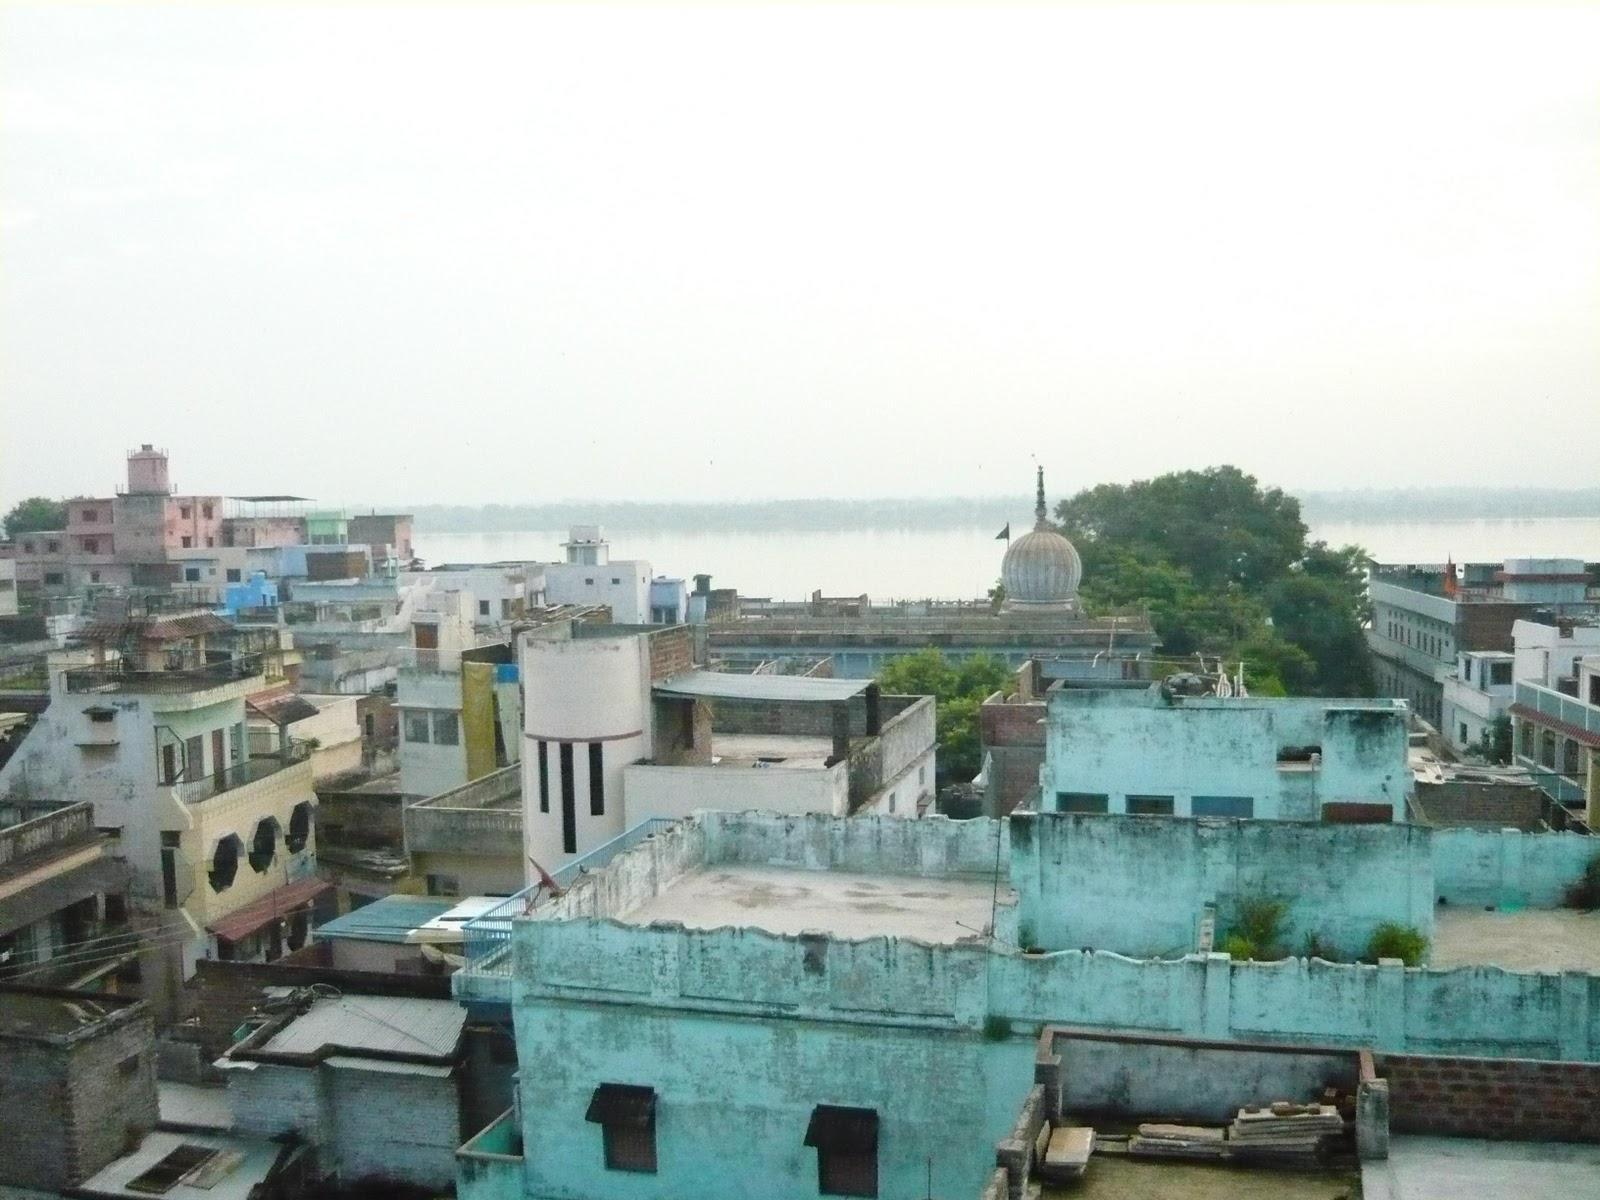 http://4.bp.blogspot.com/_lxoZLaG_PLM/TQWlNBSRXcI/AAAAAAAAAJ0/Un91XWSAZYo/s1600/VaranasiRooftop.jpg